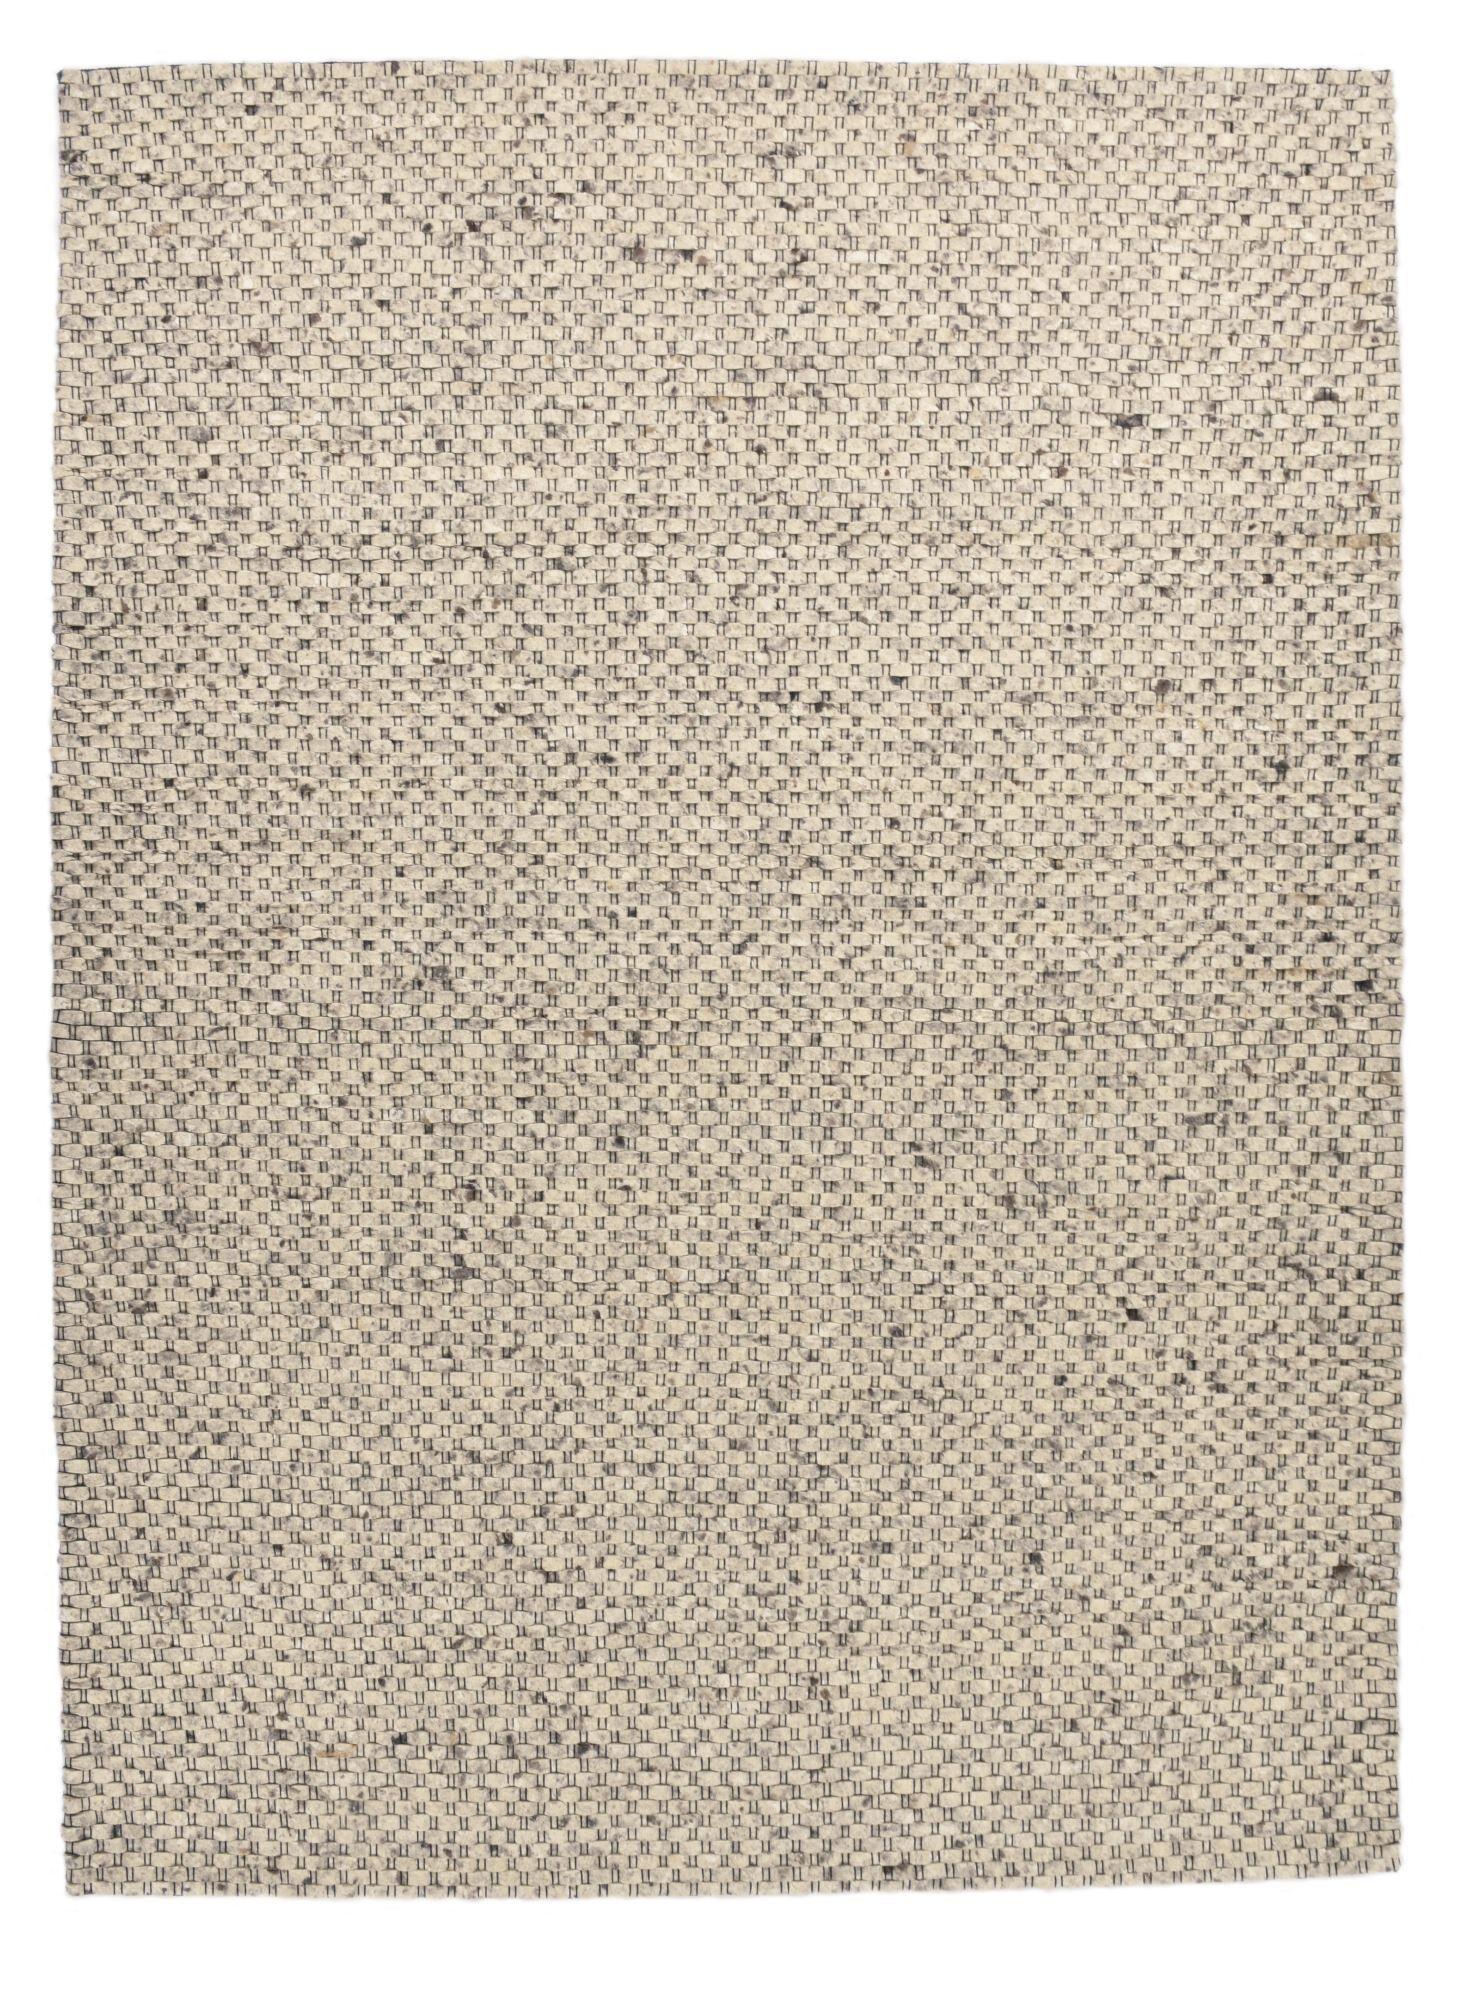 THEKO Tapis feutré en laine naturelle fait main gris 70x140